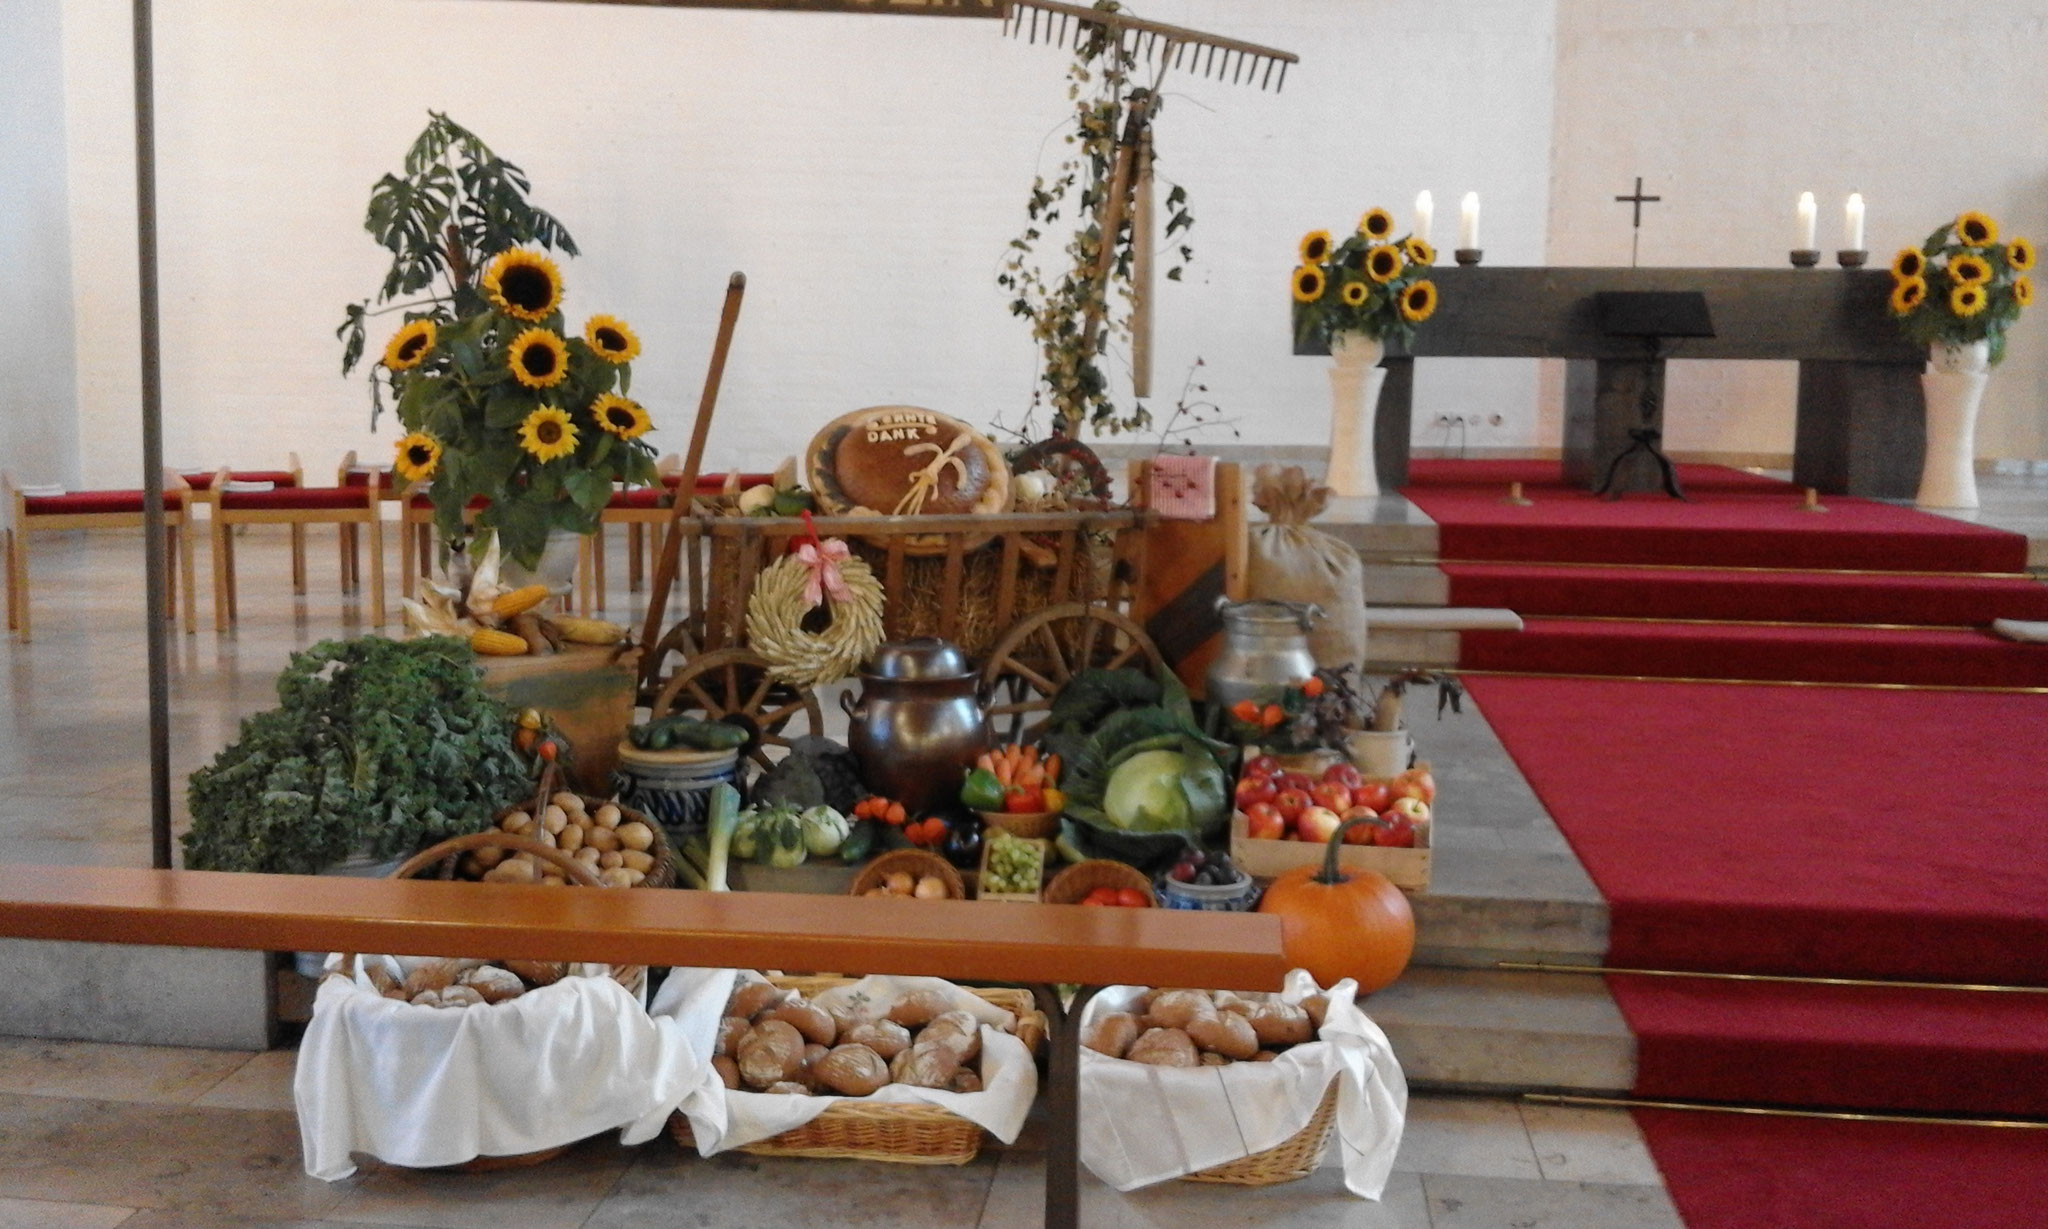 Den Erntedankaltar in der Christkönigskirche Nordendorf gestalteten auch in diesem Jahr wieder die Familie Grundgeir und Mesnerin Martina Schmidt-Dima. (Bild: Renate Grundgeir)